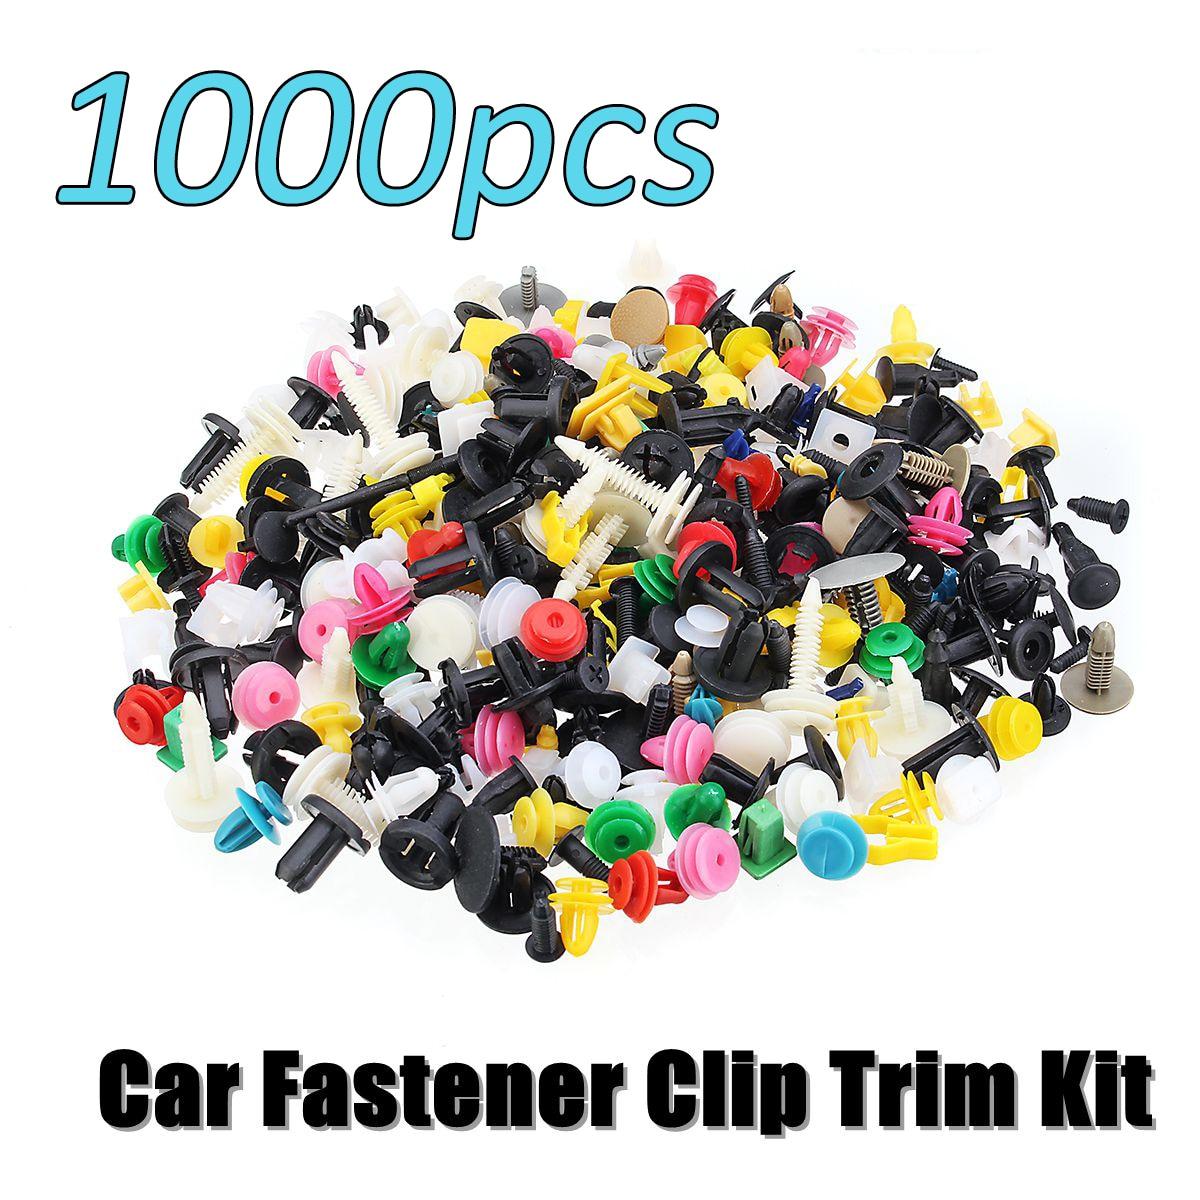 500Pcs Universal Mixed Auto Fastener Auto Stoßstange Clips Retainer Push-Motor Abdeckung Auto Verschluss Niet Tür Panel für Fender liner